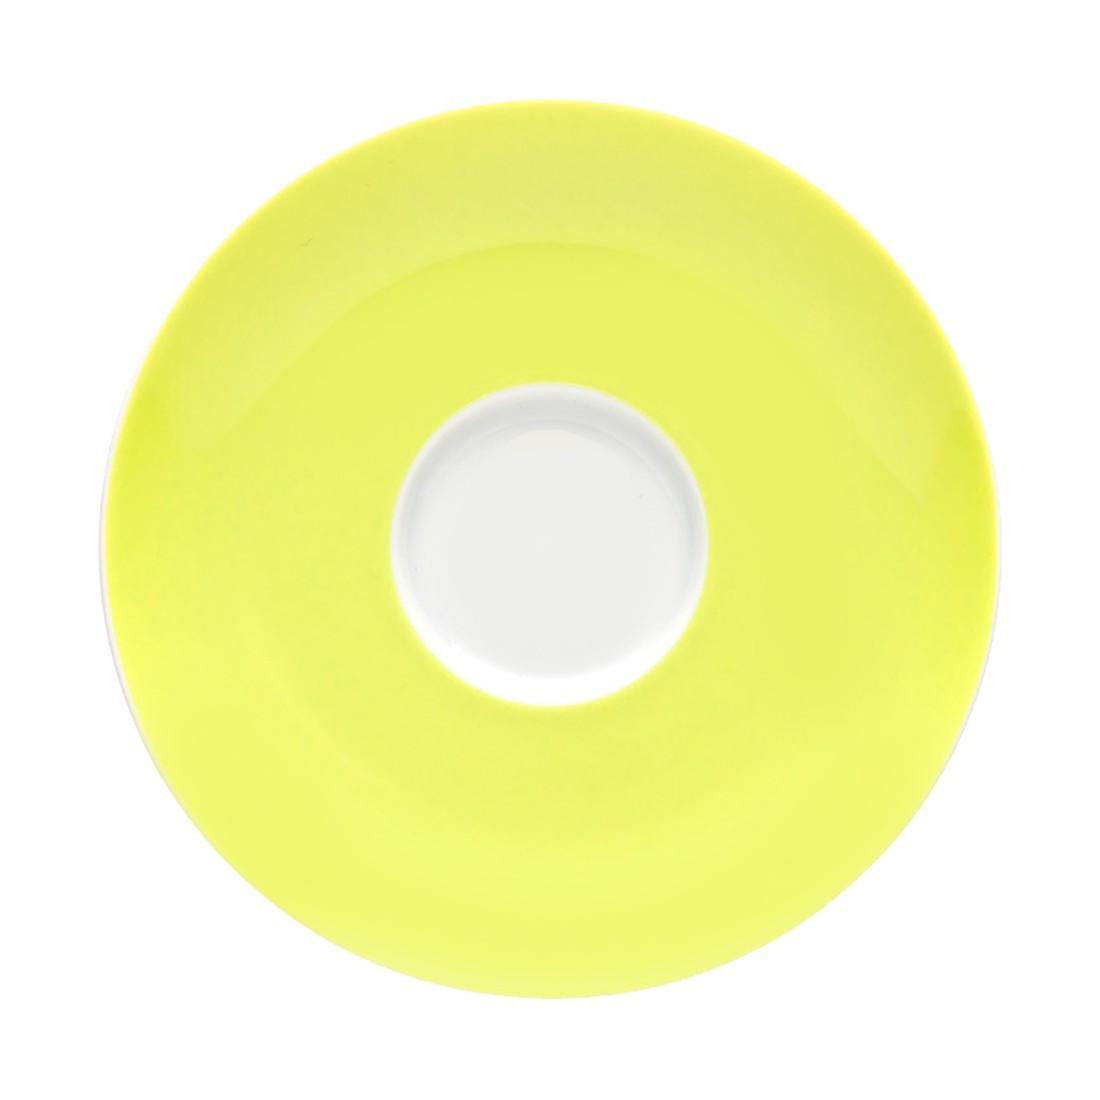 Untertasse Sunny Day – Porzellan Limettengrün, Thomas günstig online kaufen